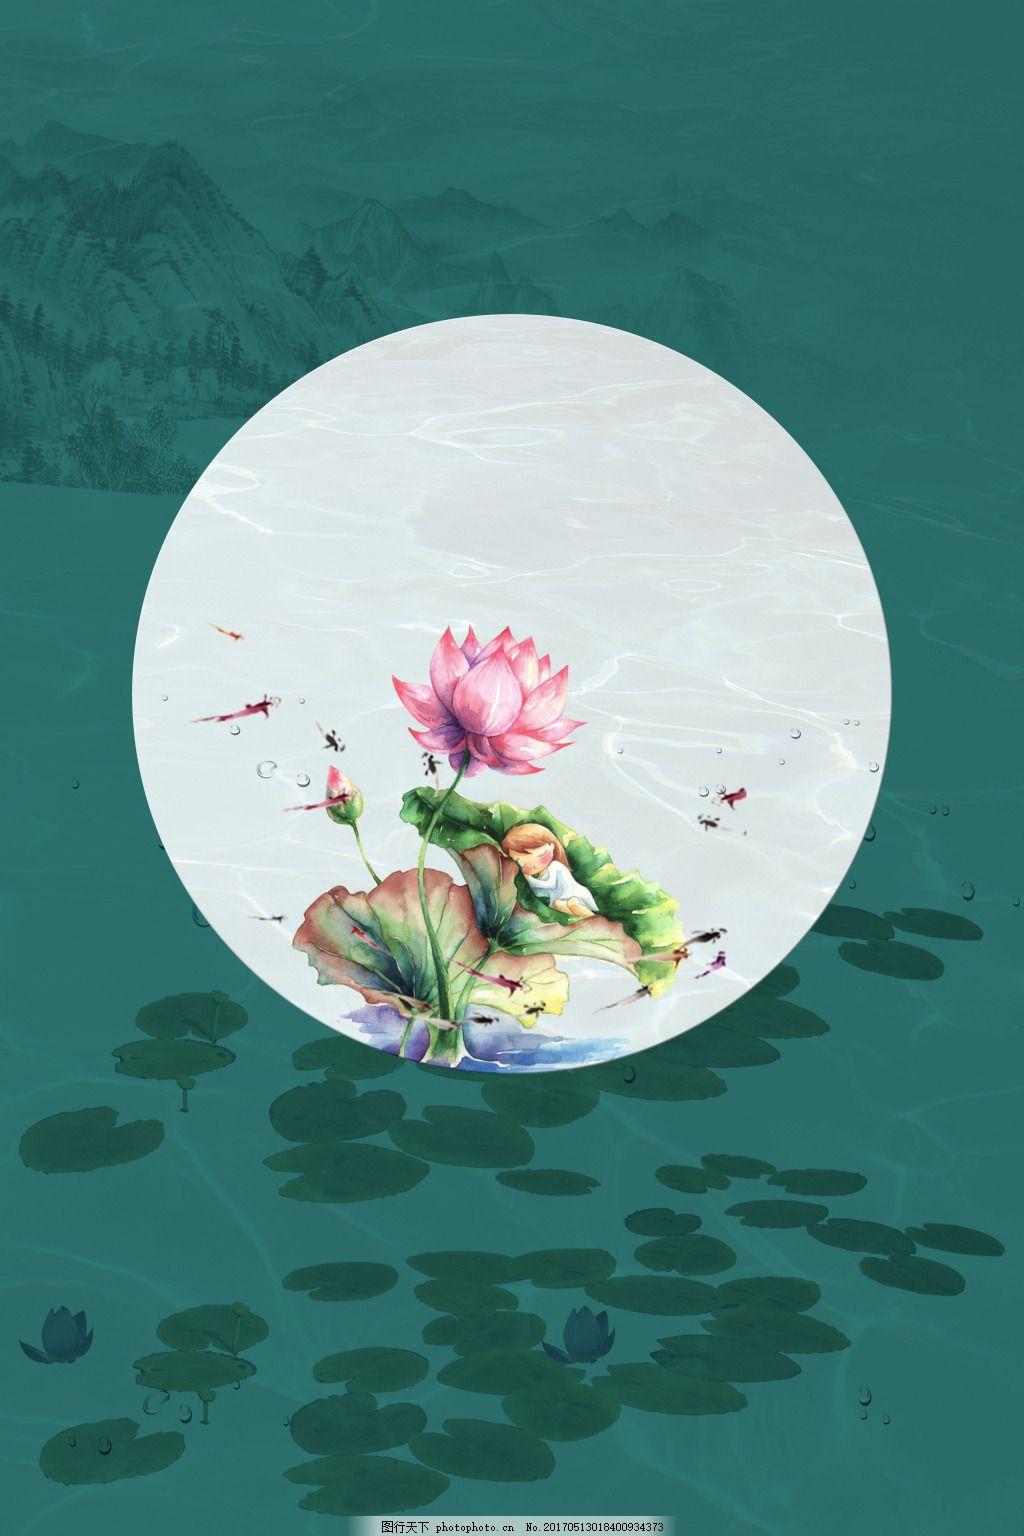 中国风荷花装饰画 背景 底纹 荷叶 花苞 水墨鱼 竹叶 绿色 无框画